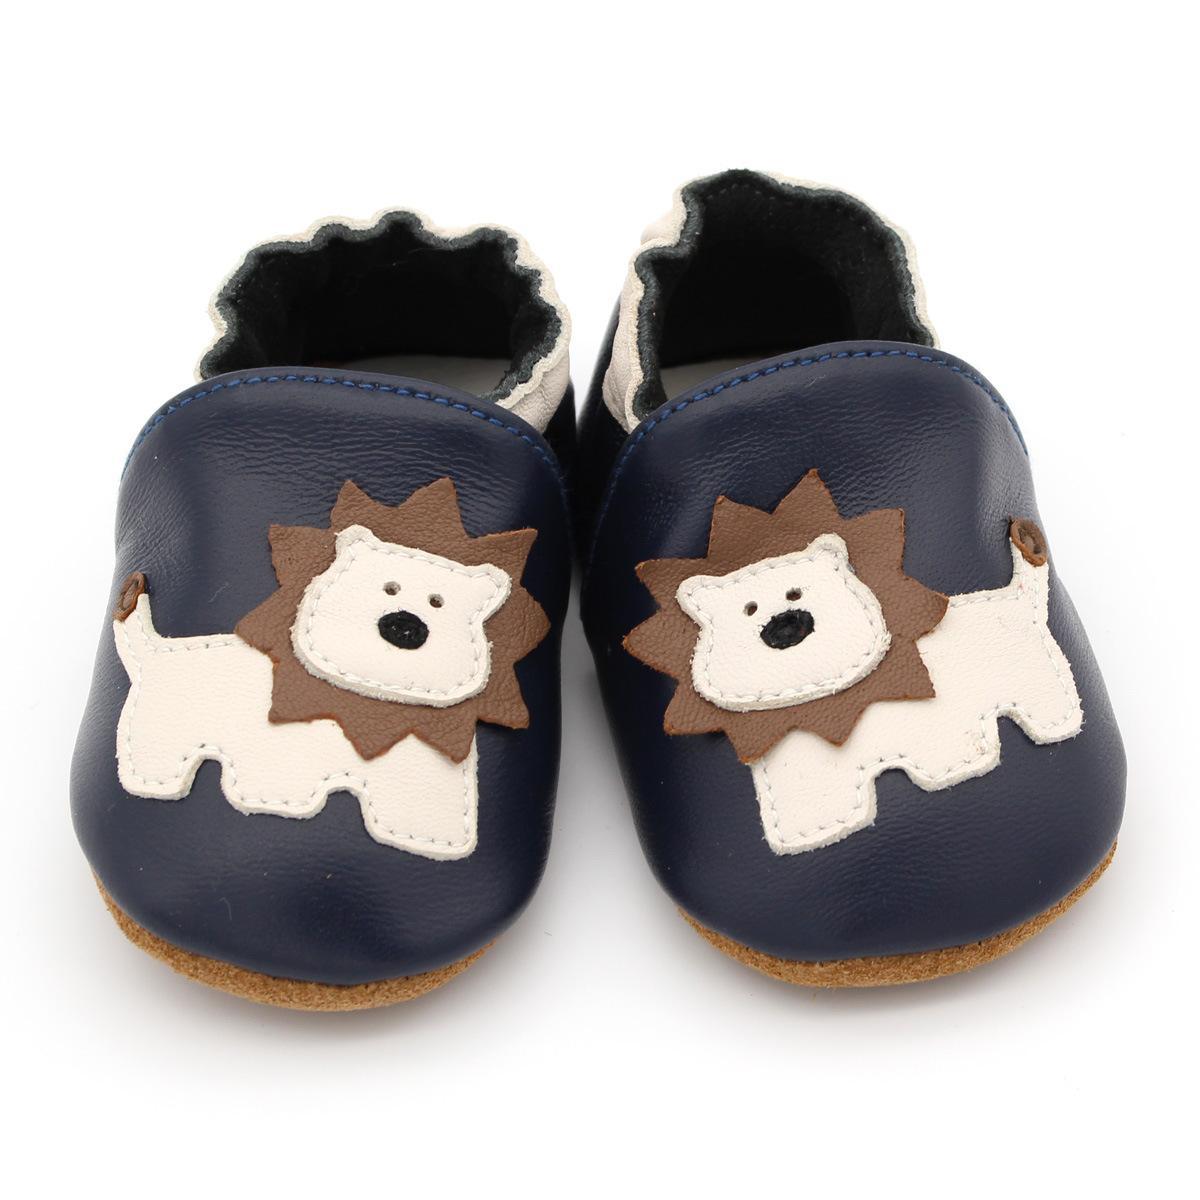 Bebé recién nacido niña de cuna suave Sole Zapatos para niños lactantes león lindo zapatos de cuero para niños pequeños los primeros caminante del prewalker azul oscuro